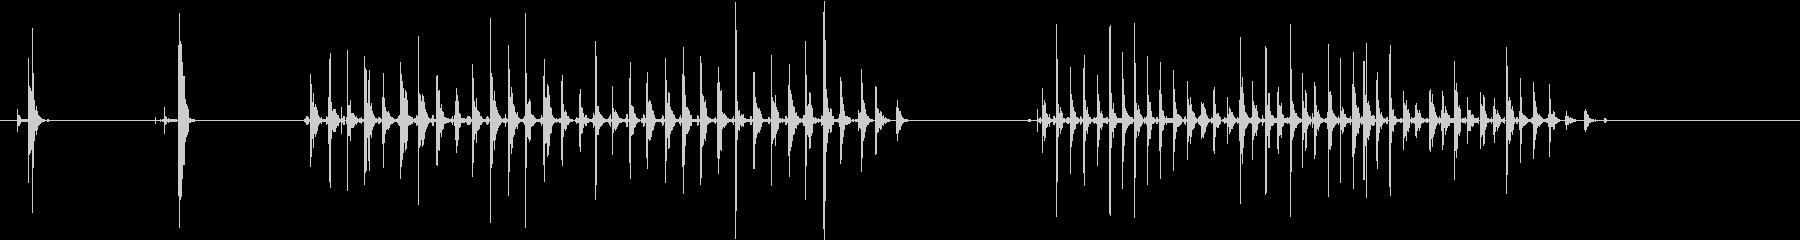 素足-女性1の未再生の波形